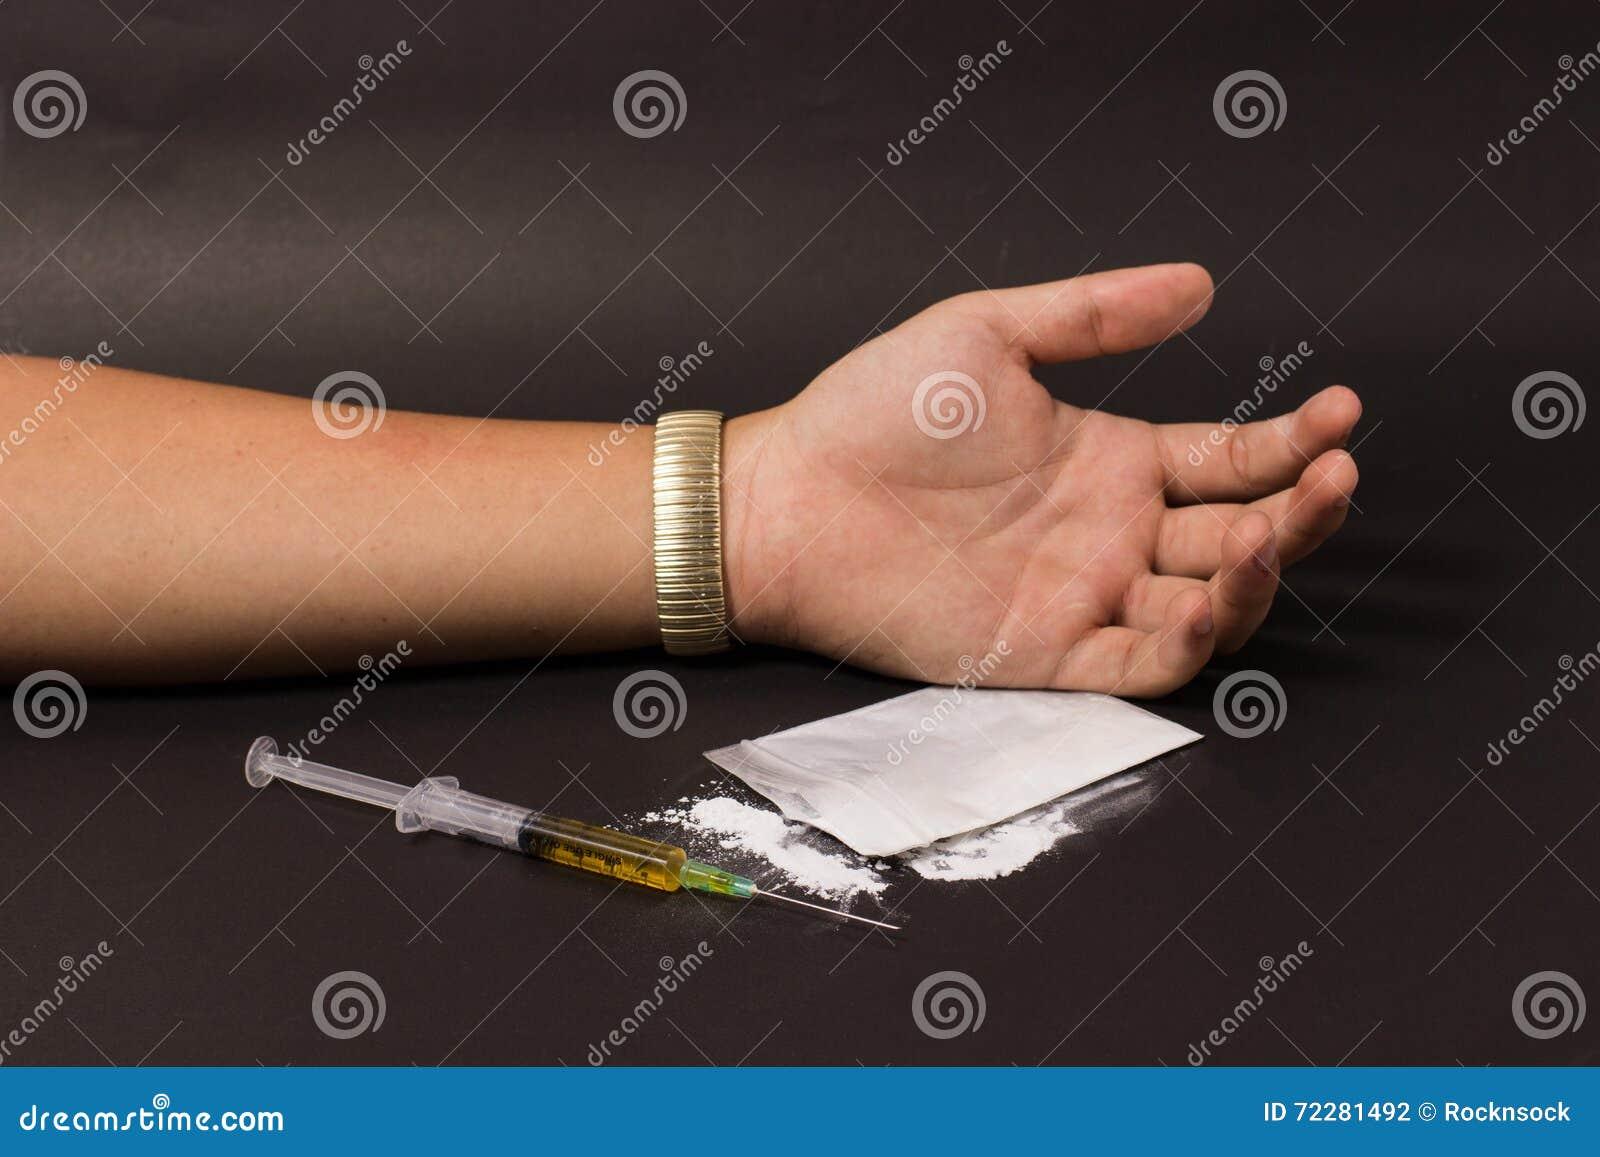 Download Шприц лекарства и мертвой руки Стоковое Фото - изображение насчитывающей опасность, светло: 72281492